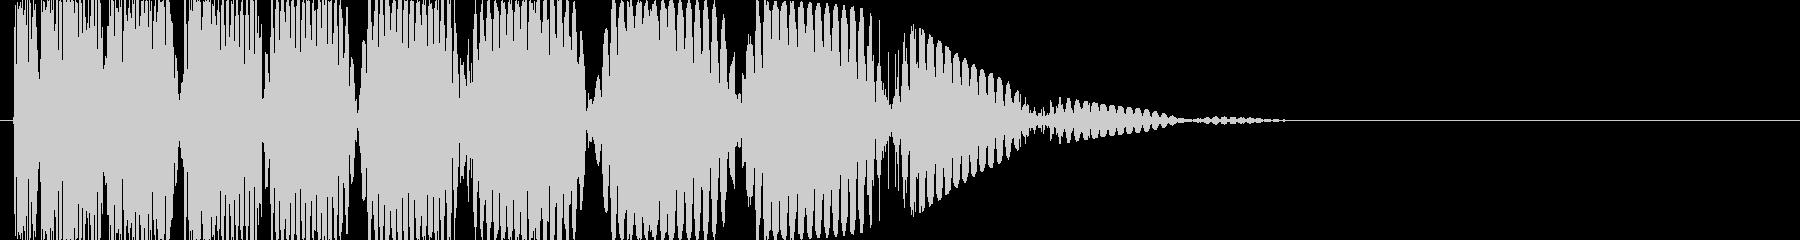 爆発・衝撃波・ソニックブーム10の未再生の波形